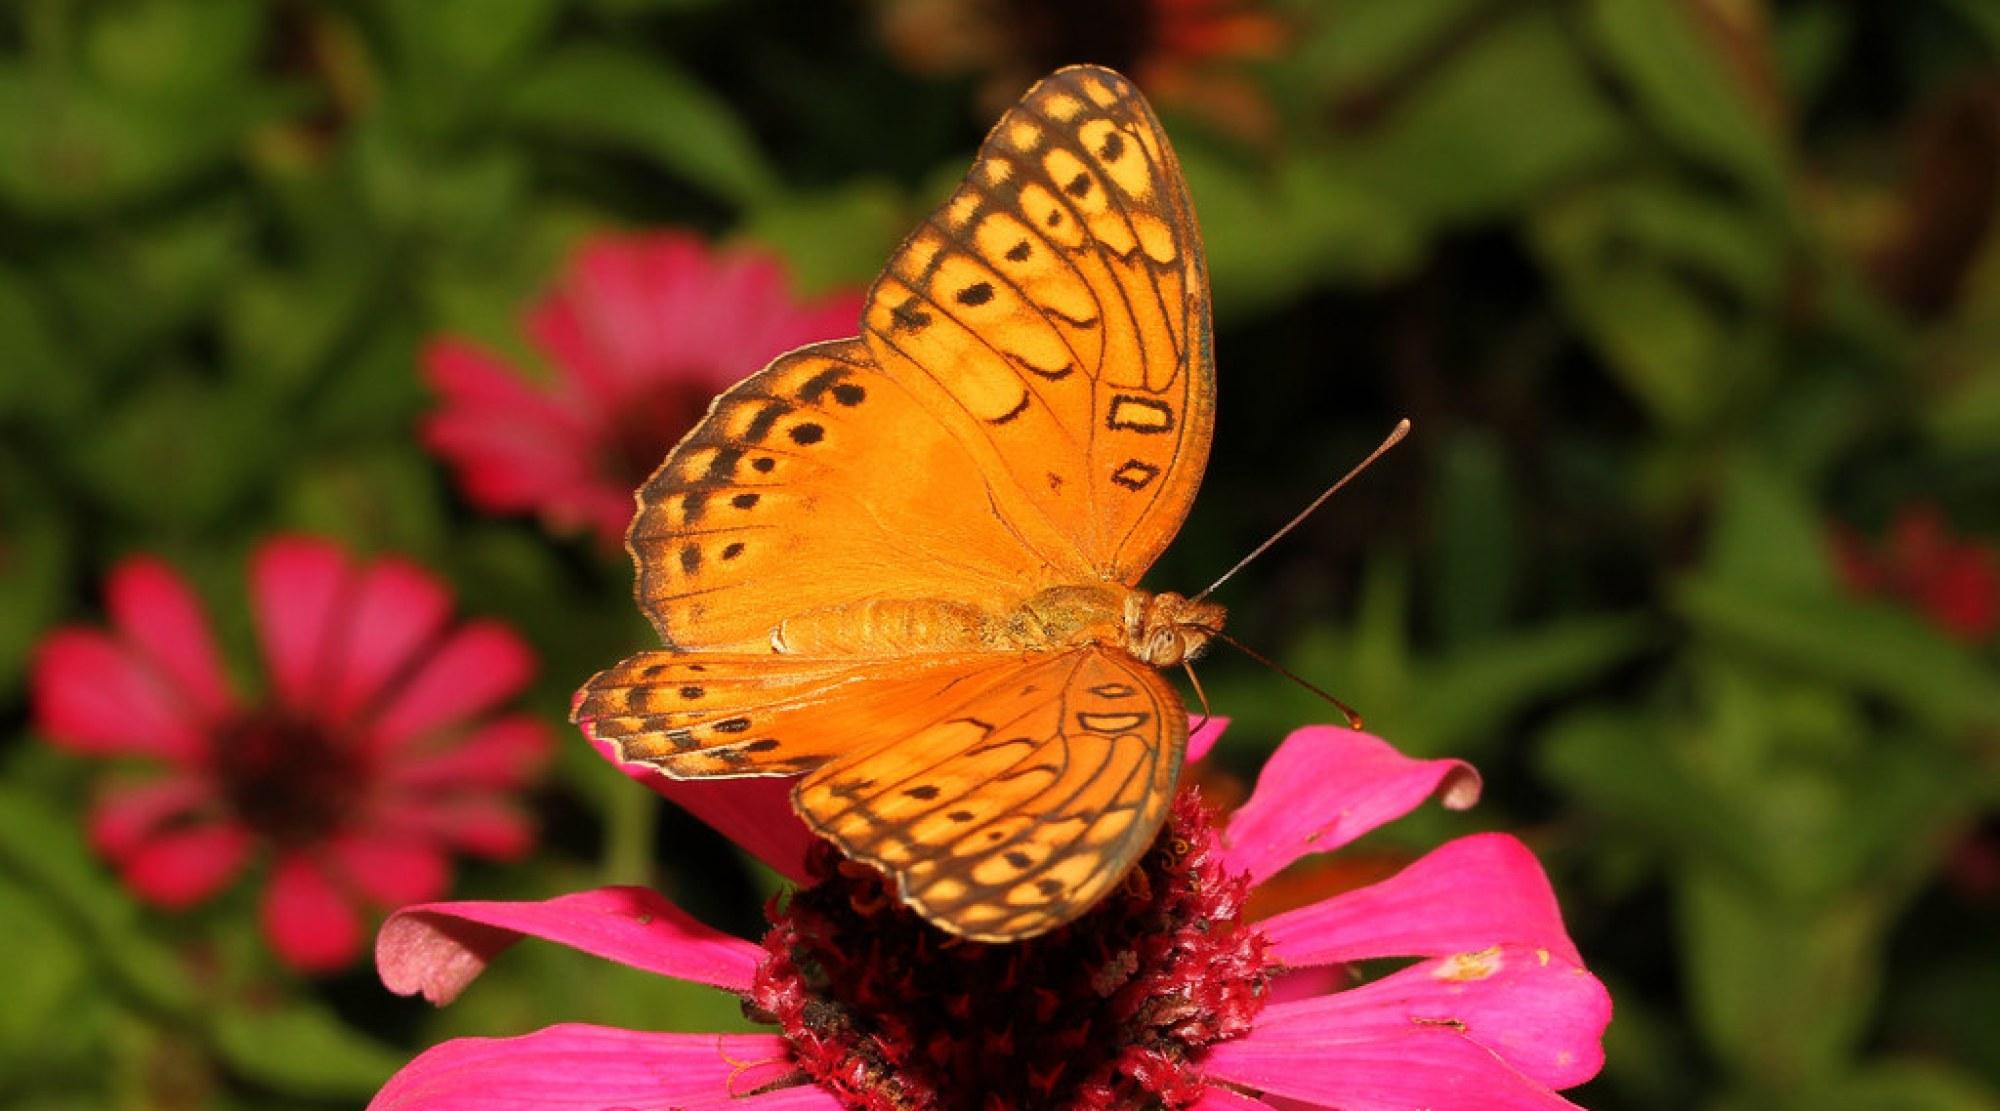 Euptoieta claudia (Variegated Fritillary - Costa Rica